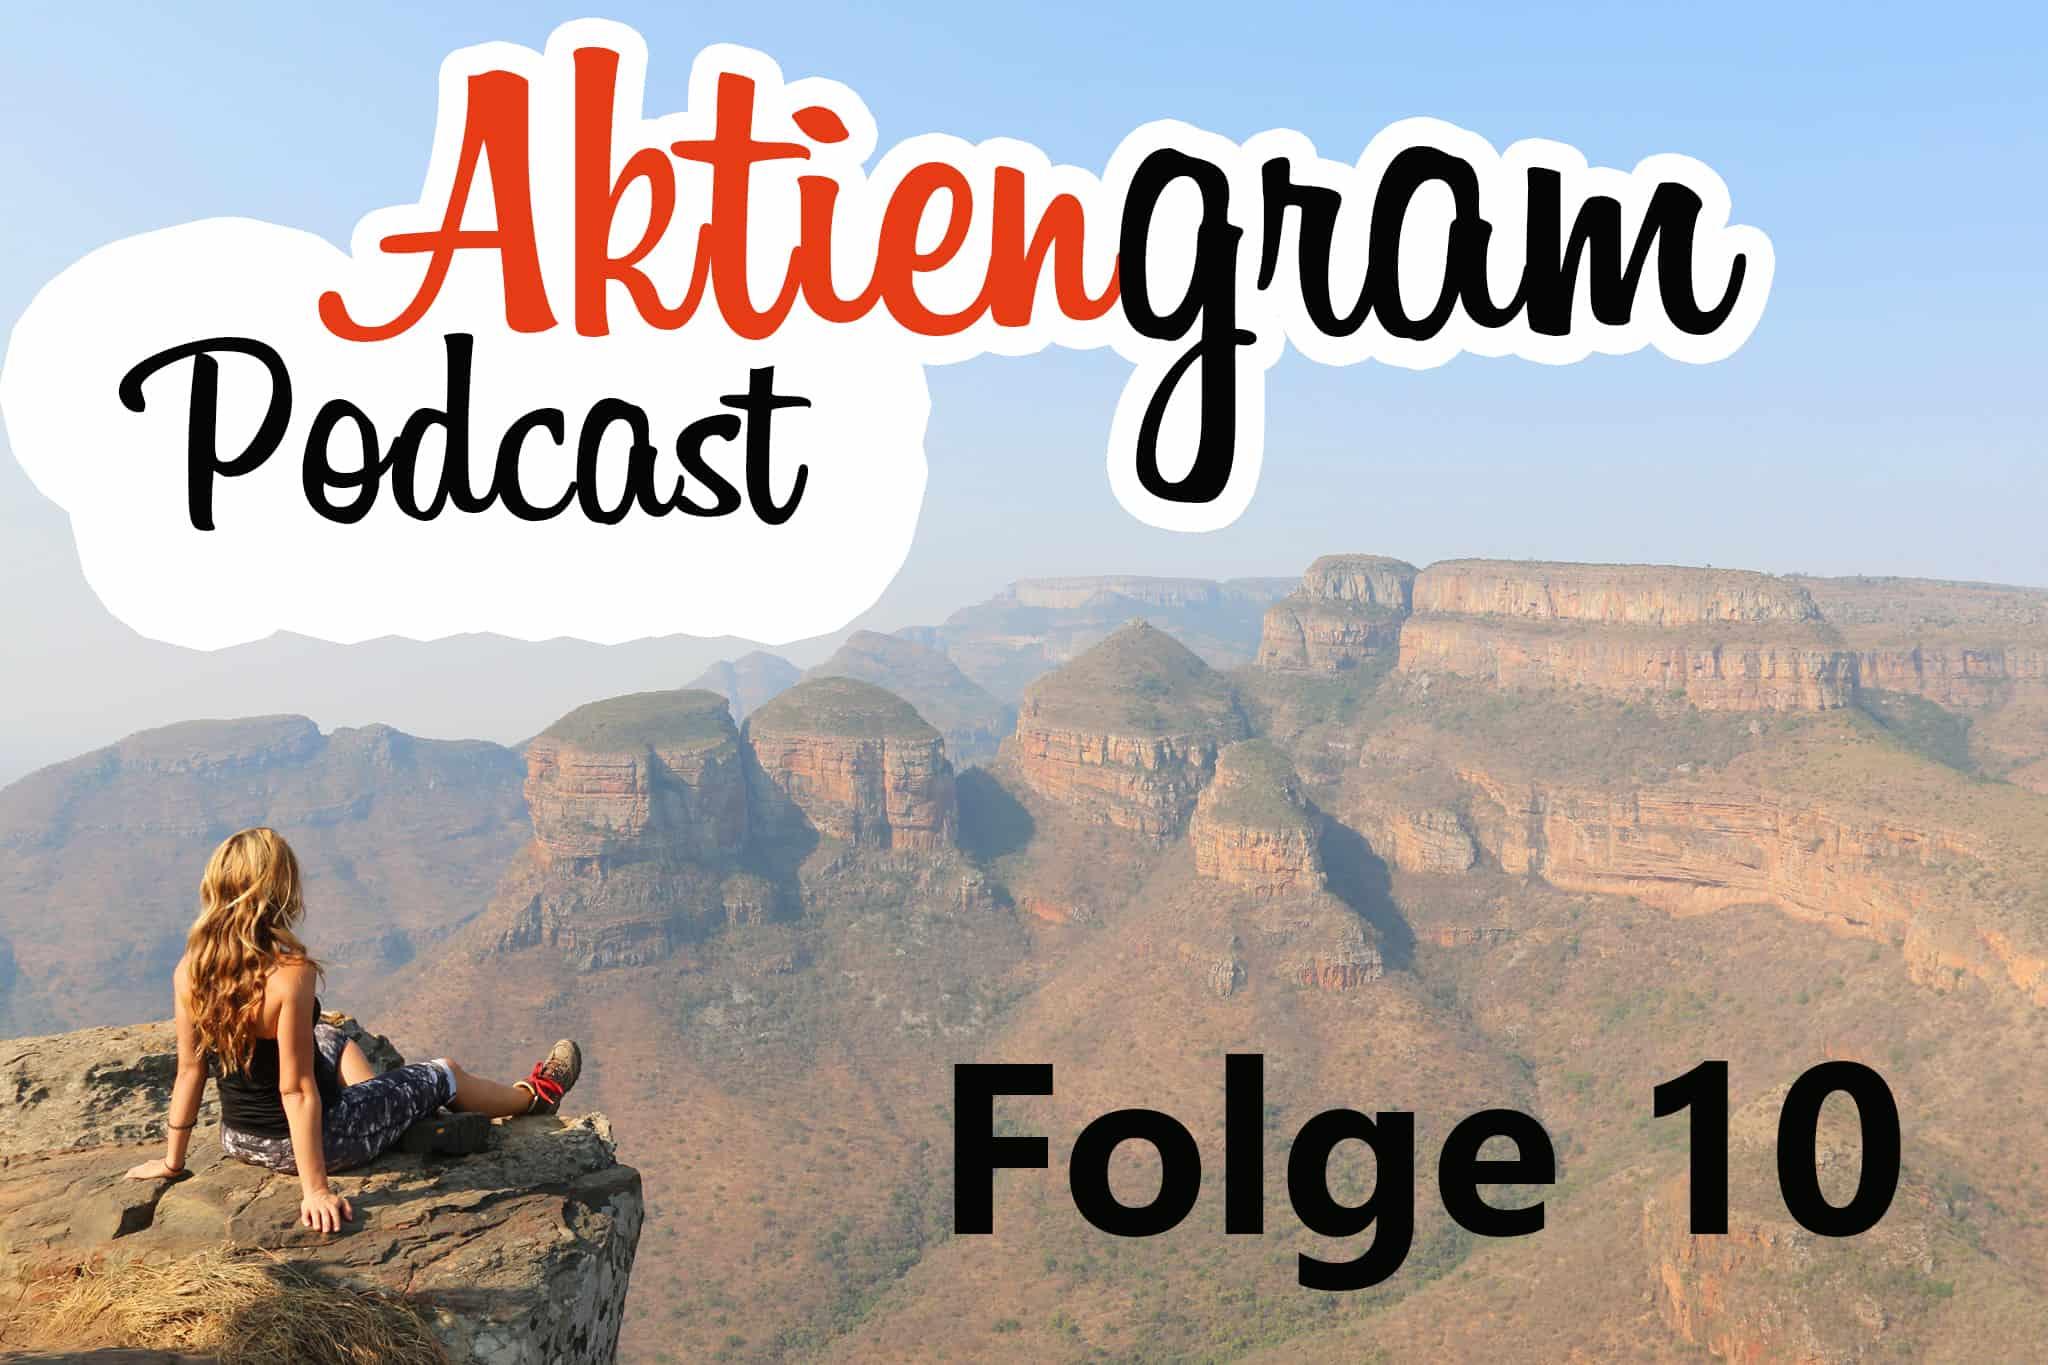 Aktiengram Podcast Folge 10